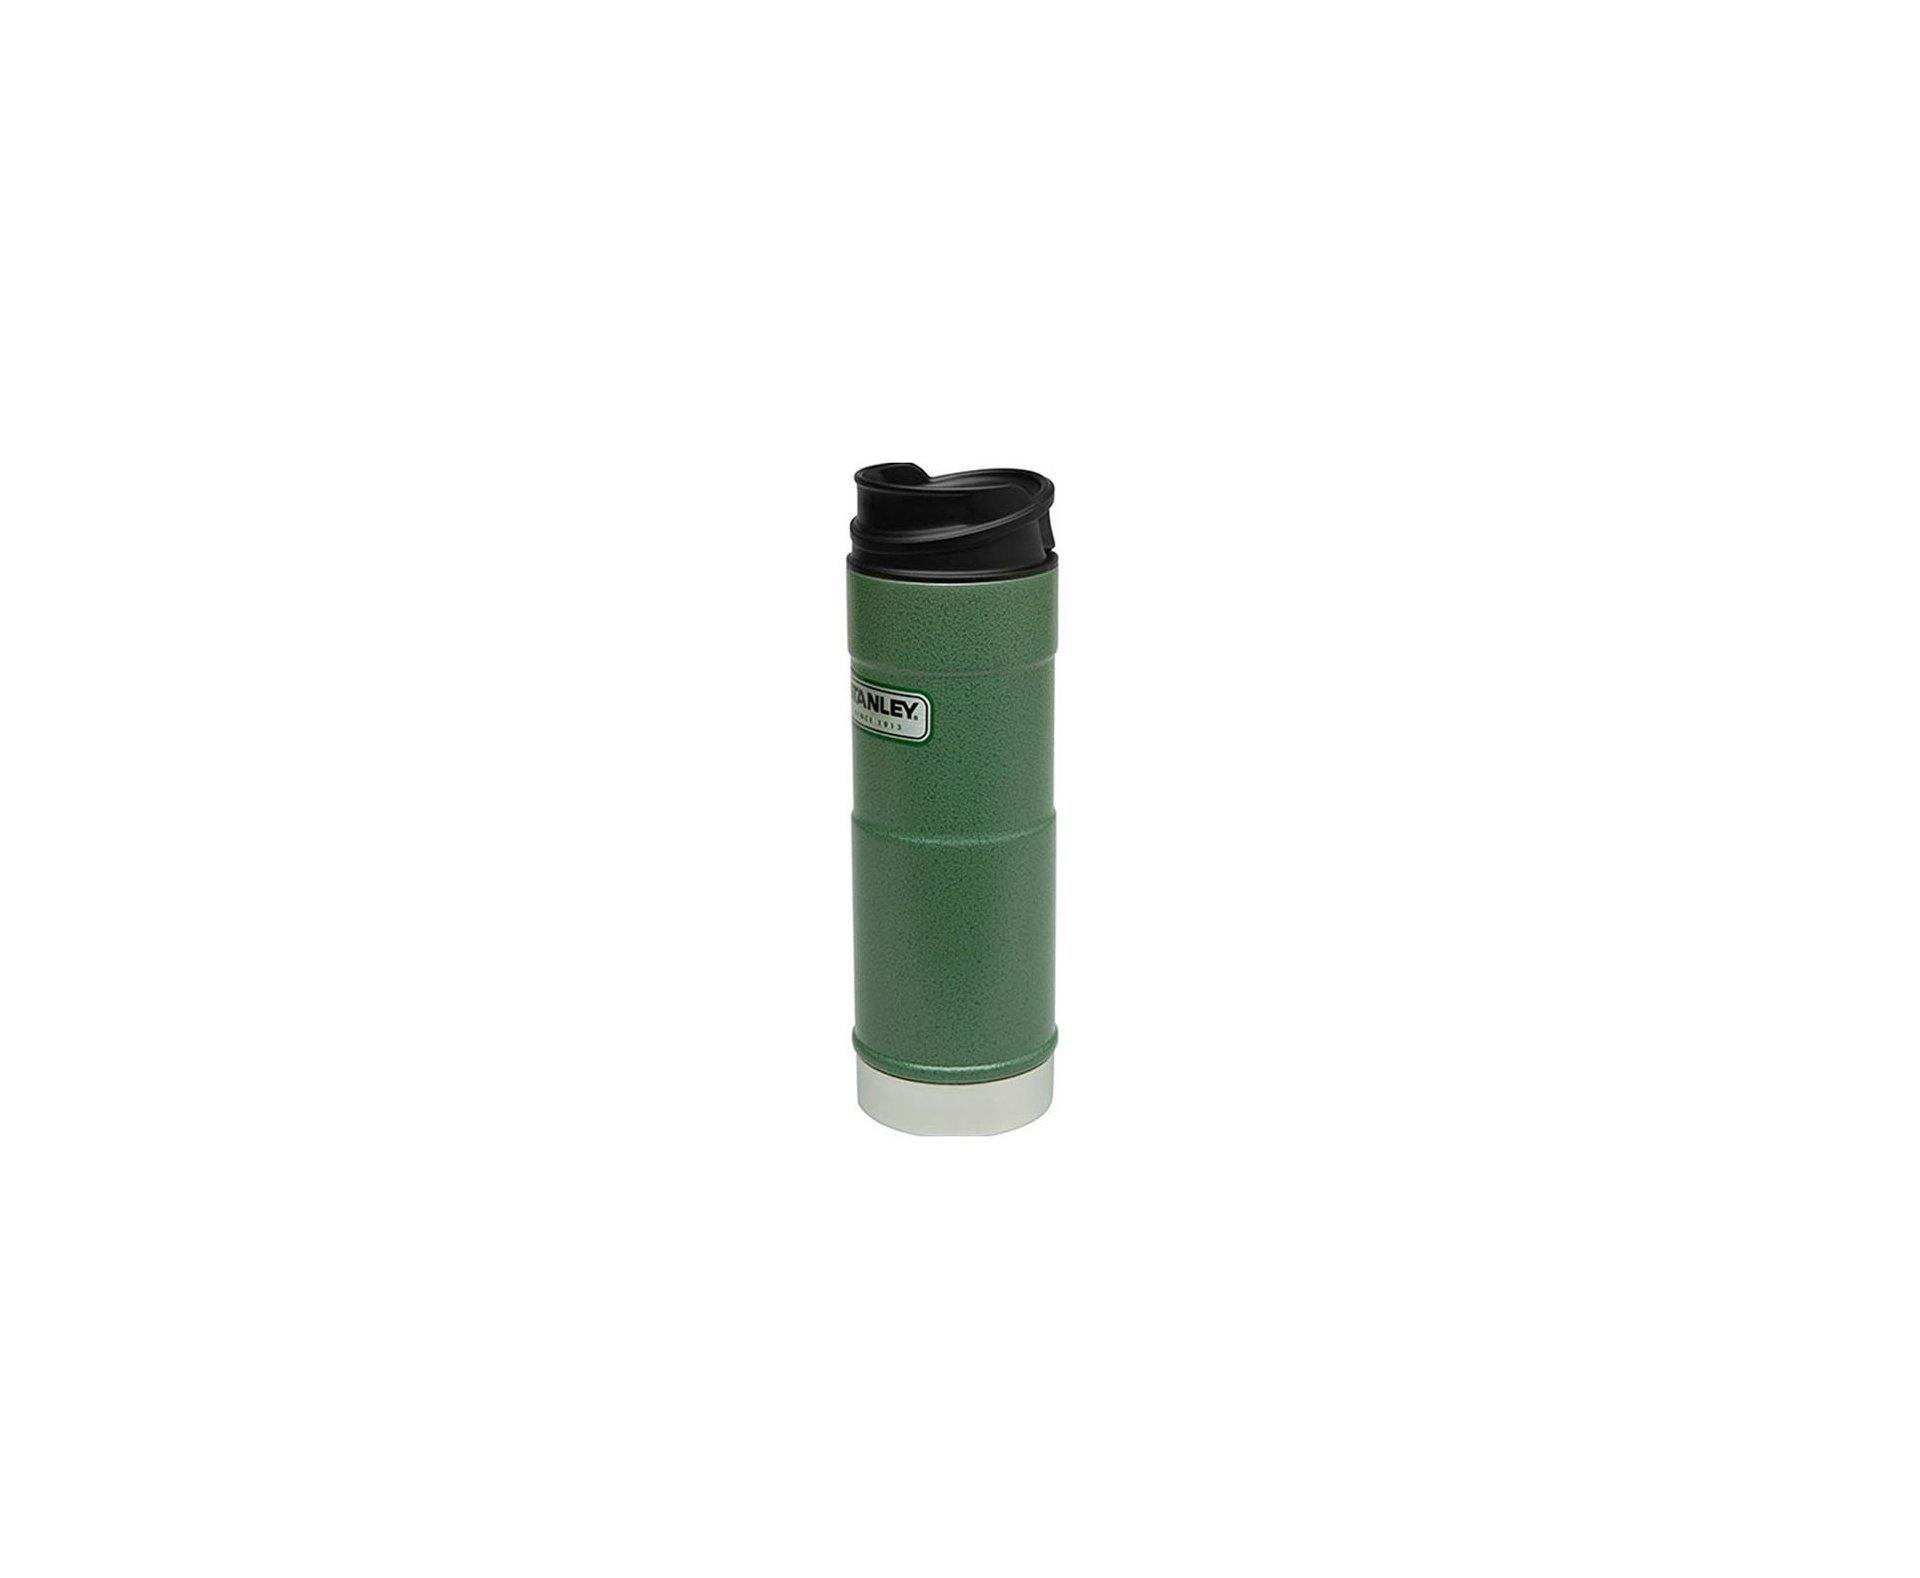 Garrafa Termica Stanley One Hand Hammertone Green 473ml